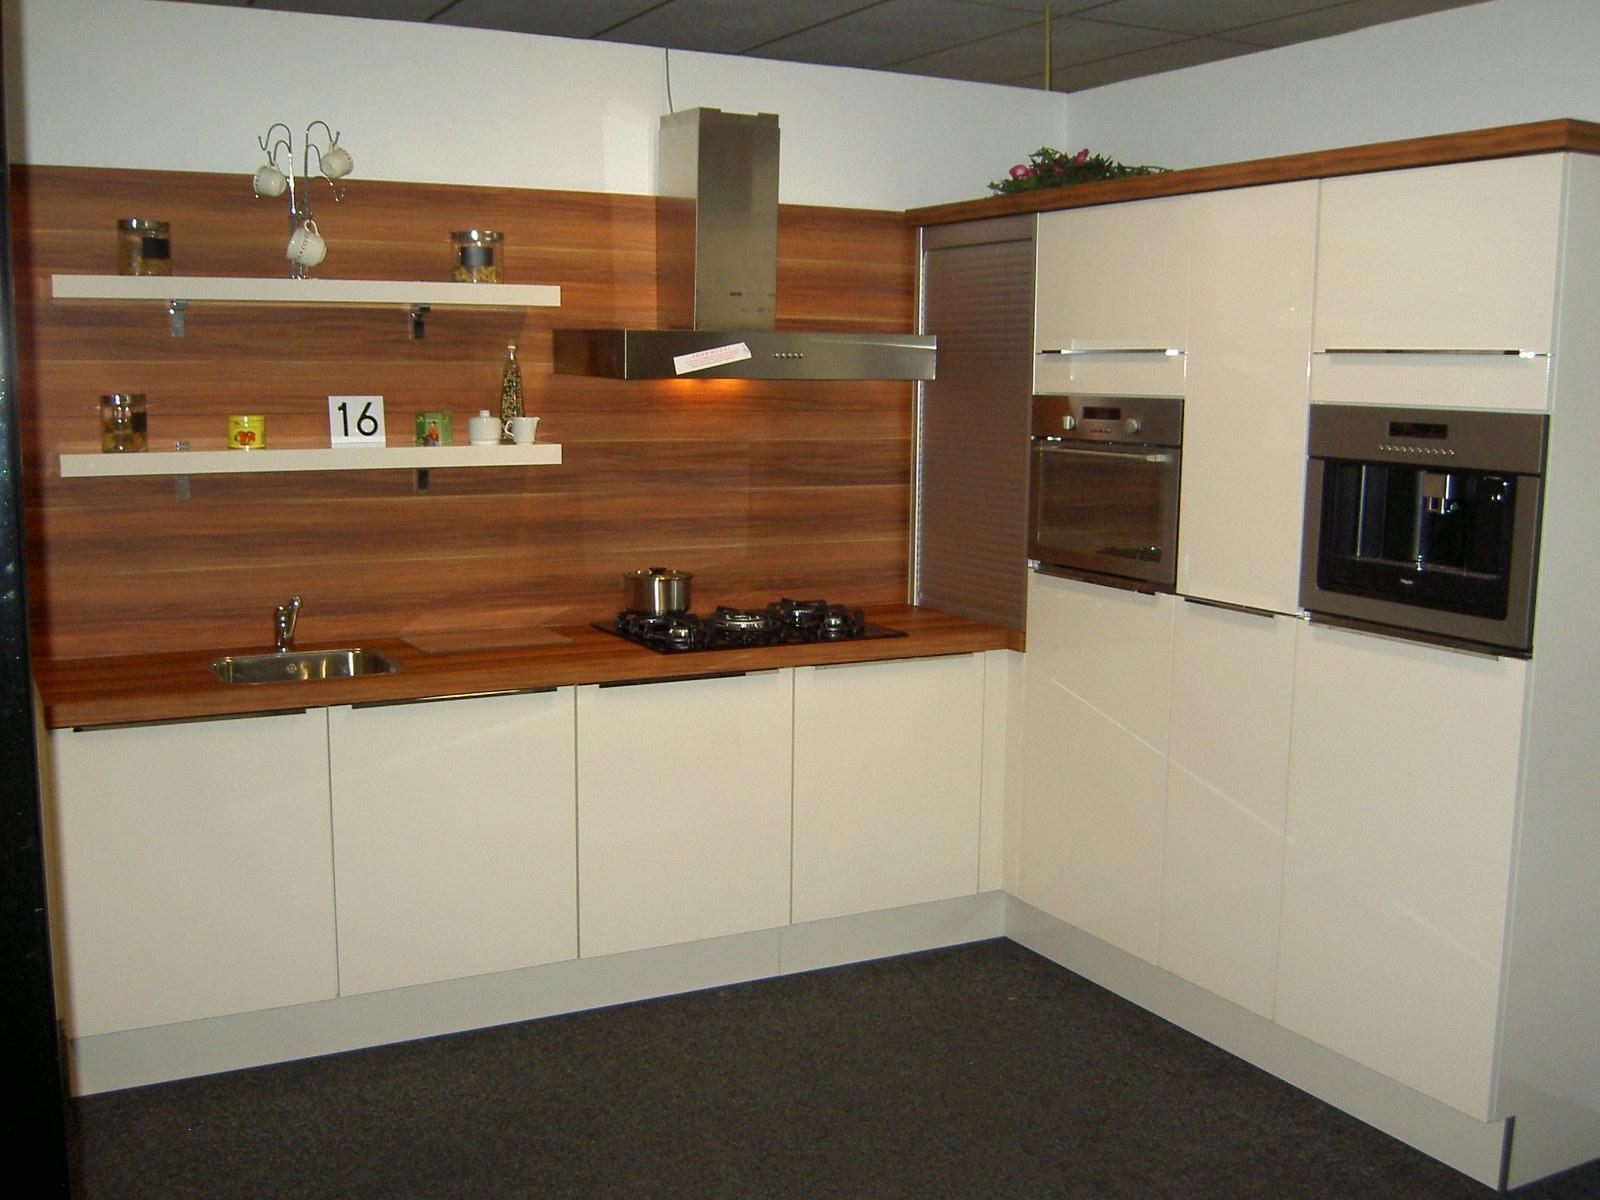 Keuken Kleur Magnolia : Showoom Keukens – Keukens uit voorraad modellen